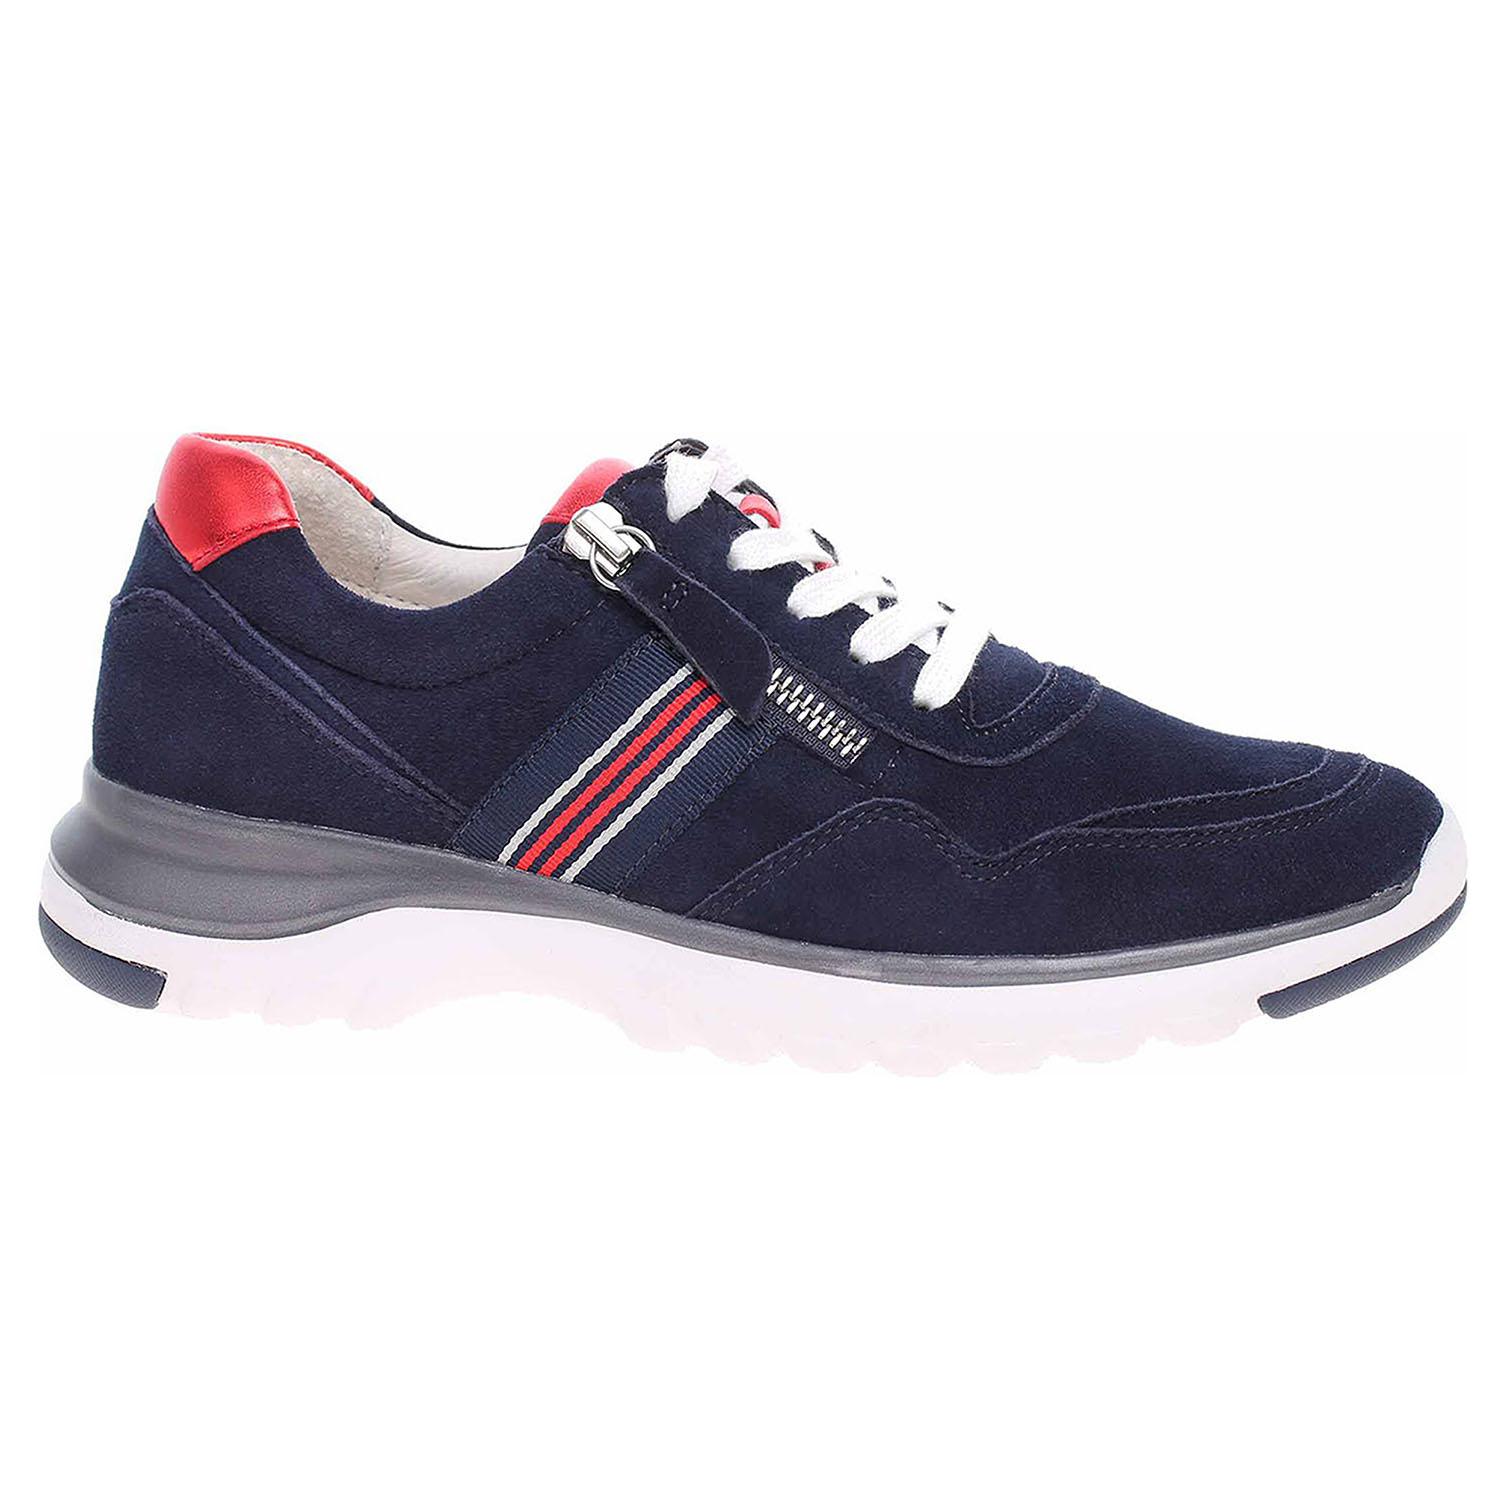 Dámská obuv Gabor 46.318.16 bluette-rosso 46.318.16 36